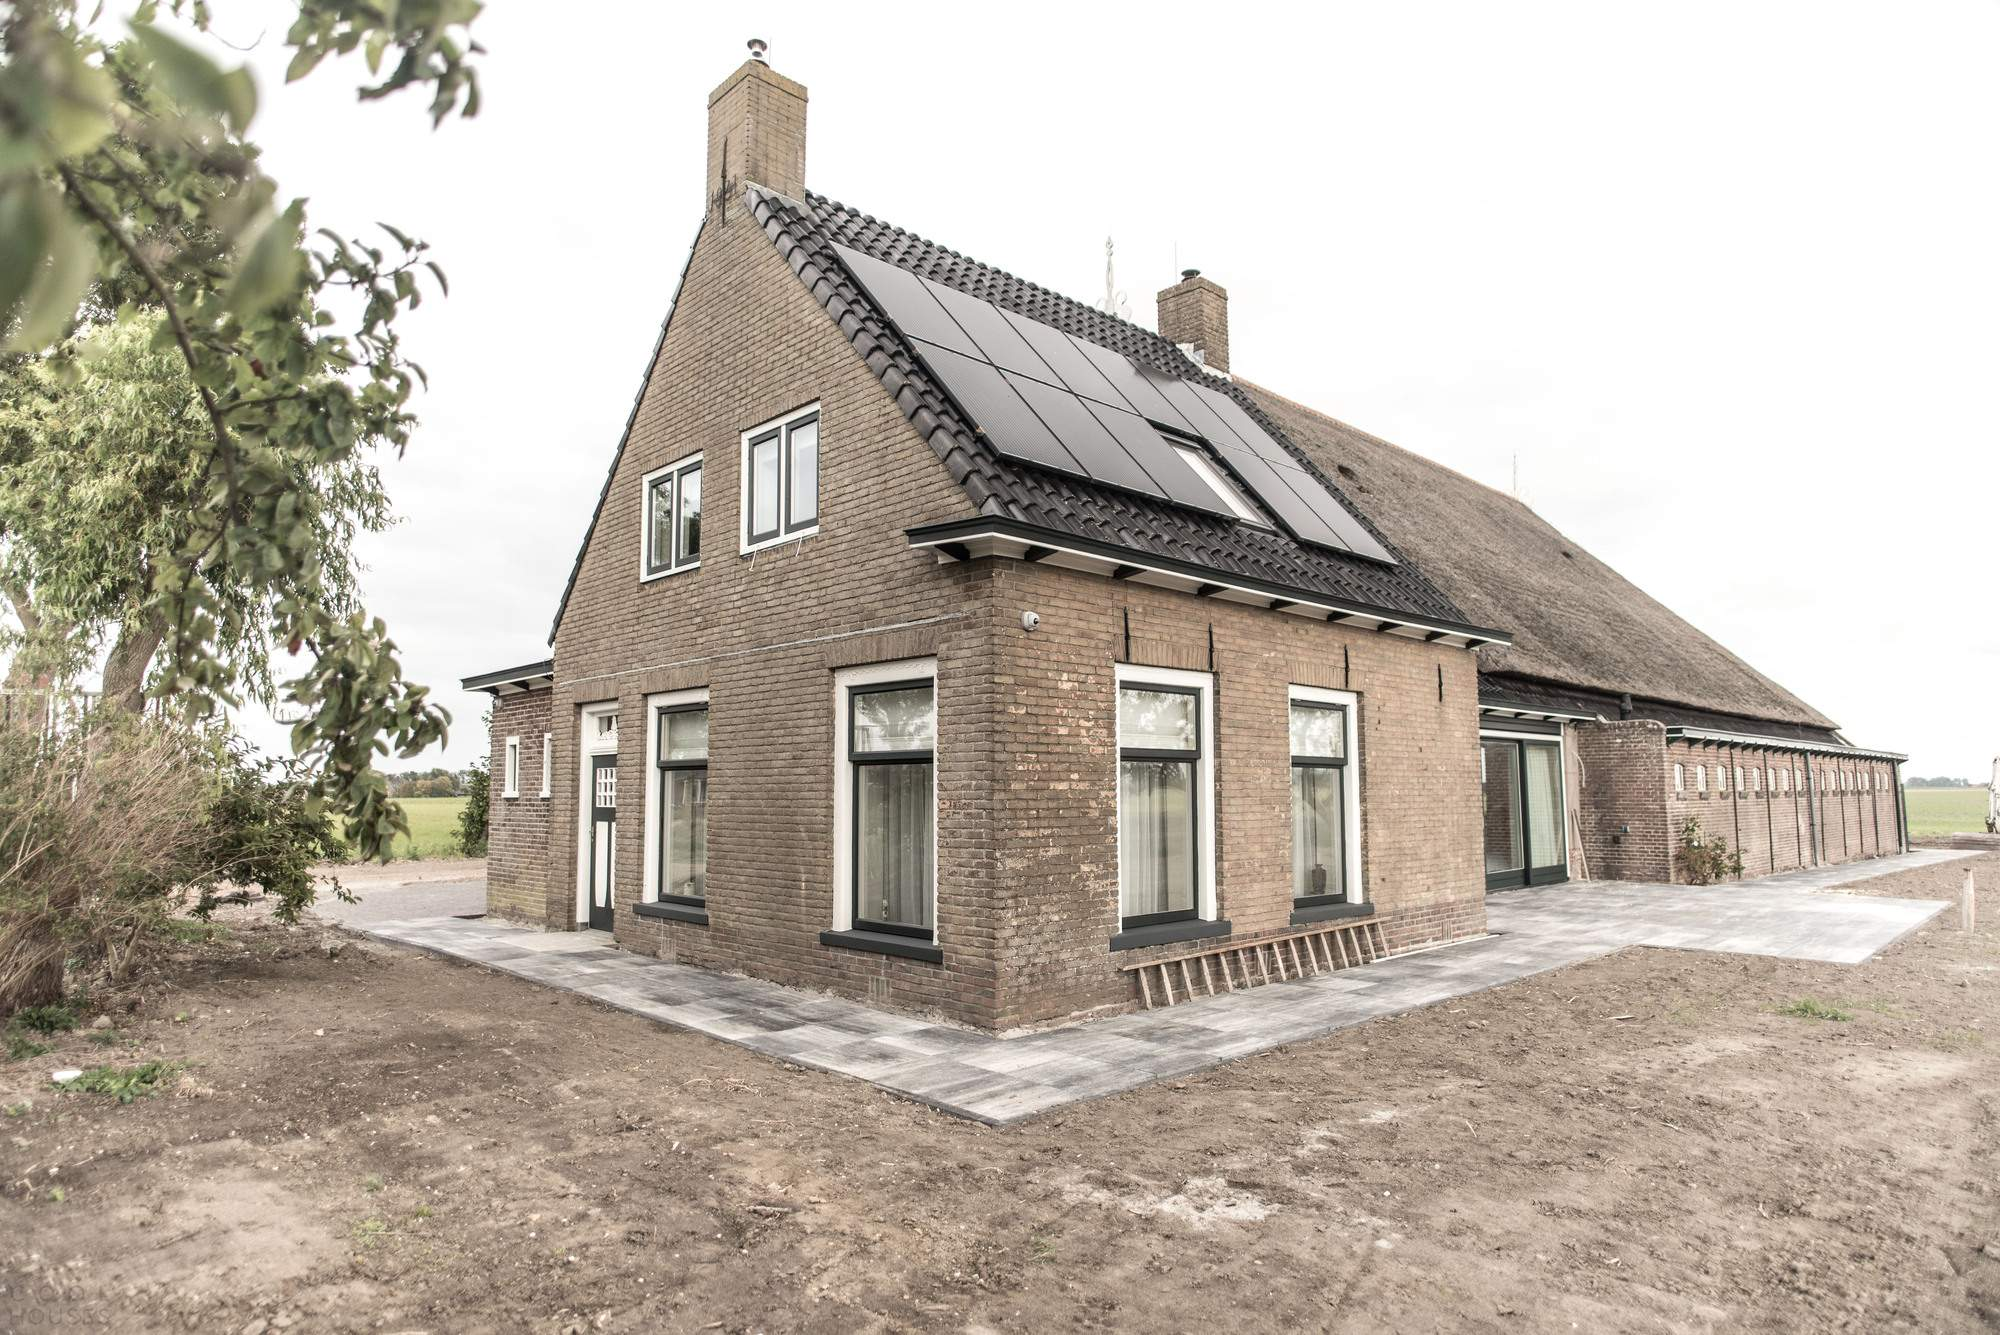 Реконструкция фермерского дома в Нидерландах